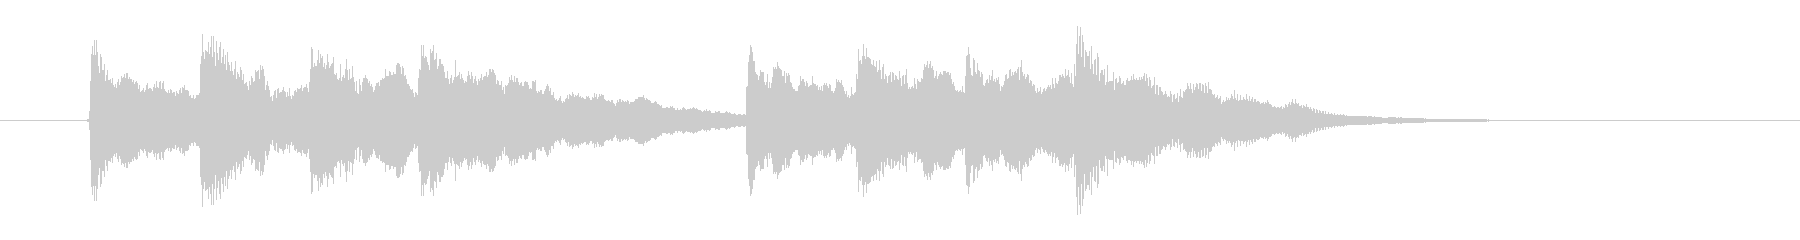 シンプルで煌びやかなポップ音階ジングルの未再生の波形